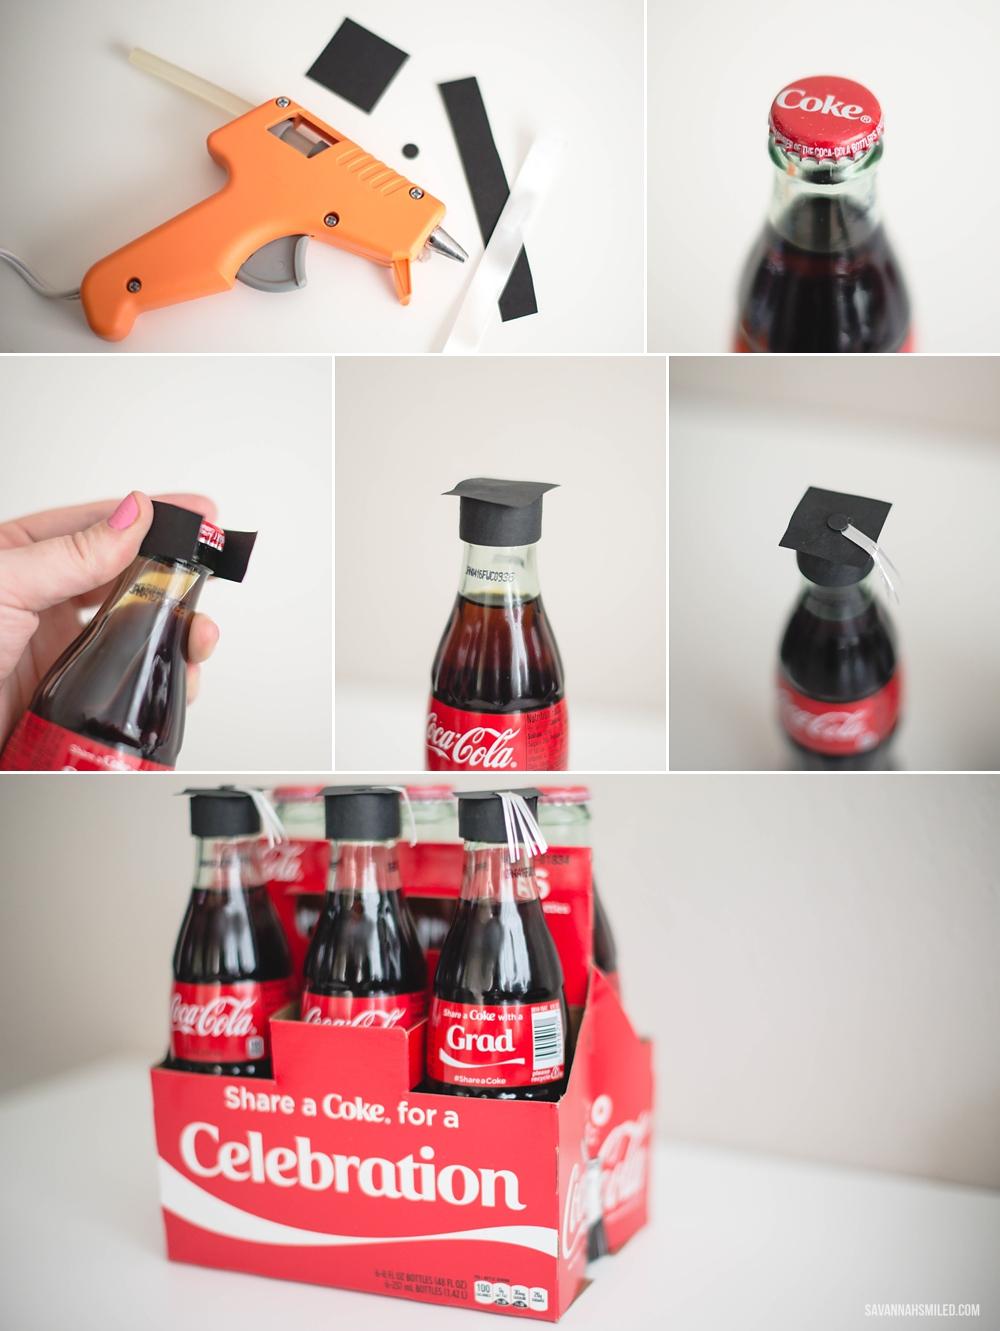 share-smiles-coke-10.jpg